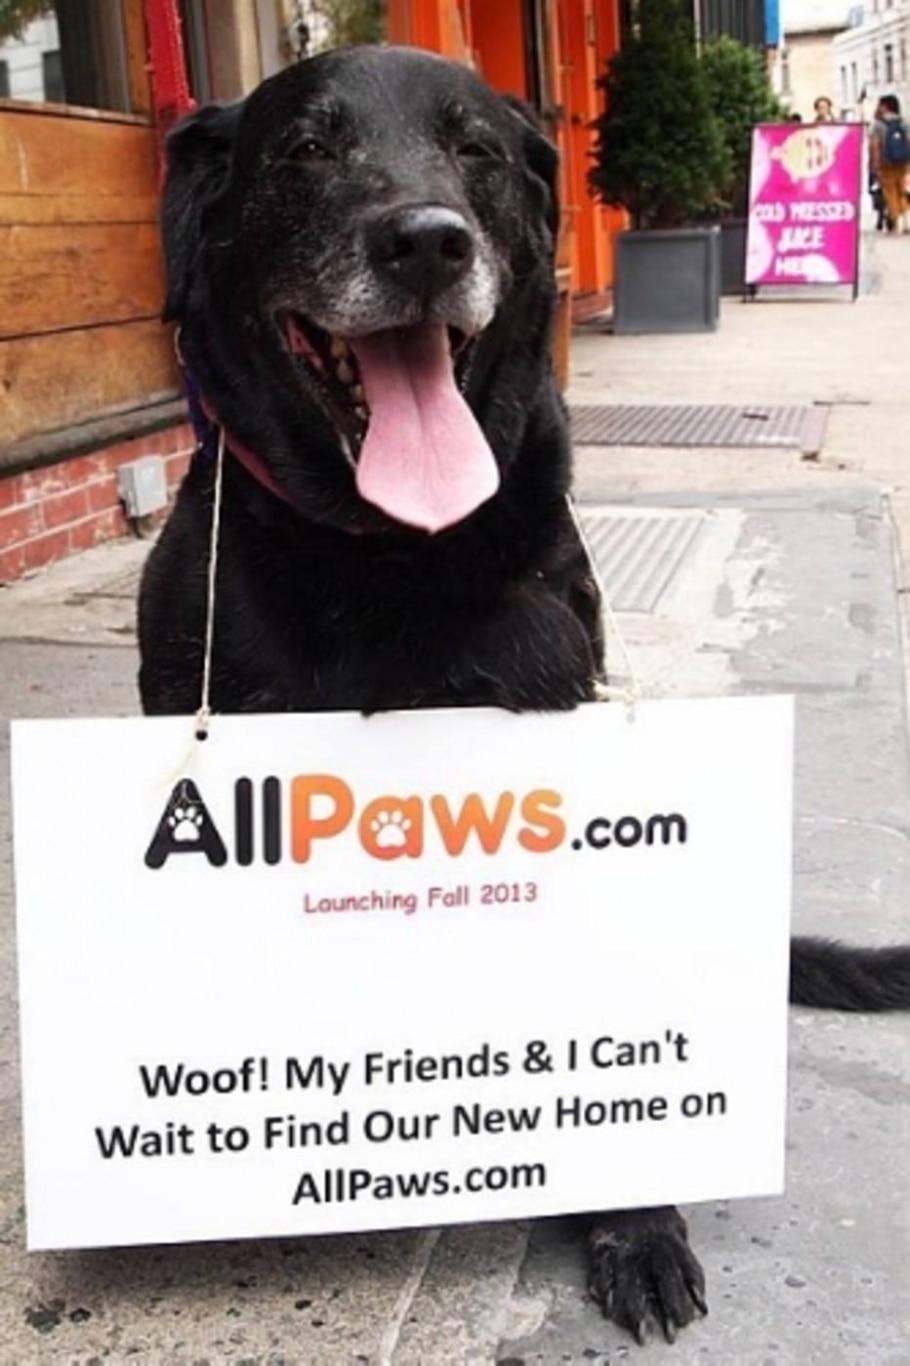 Norte-americano cria site para cadastro de pets abandonados - Divulgação